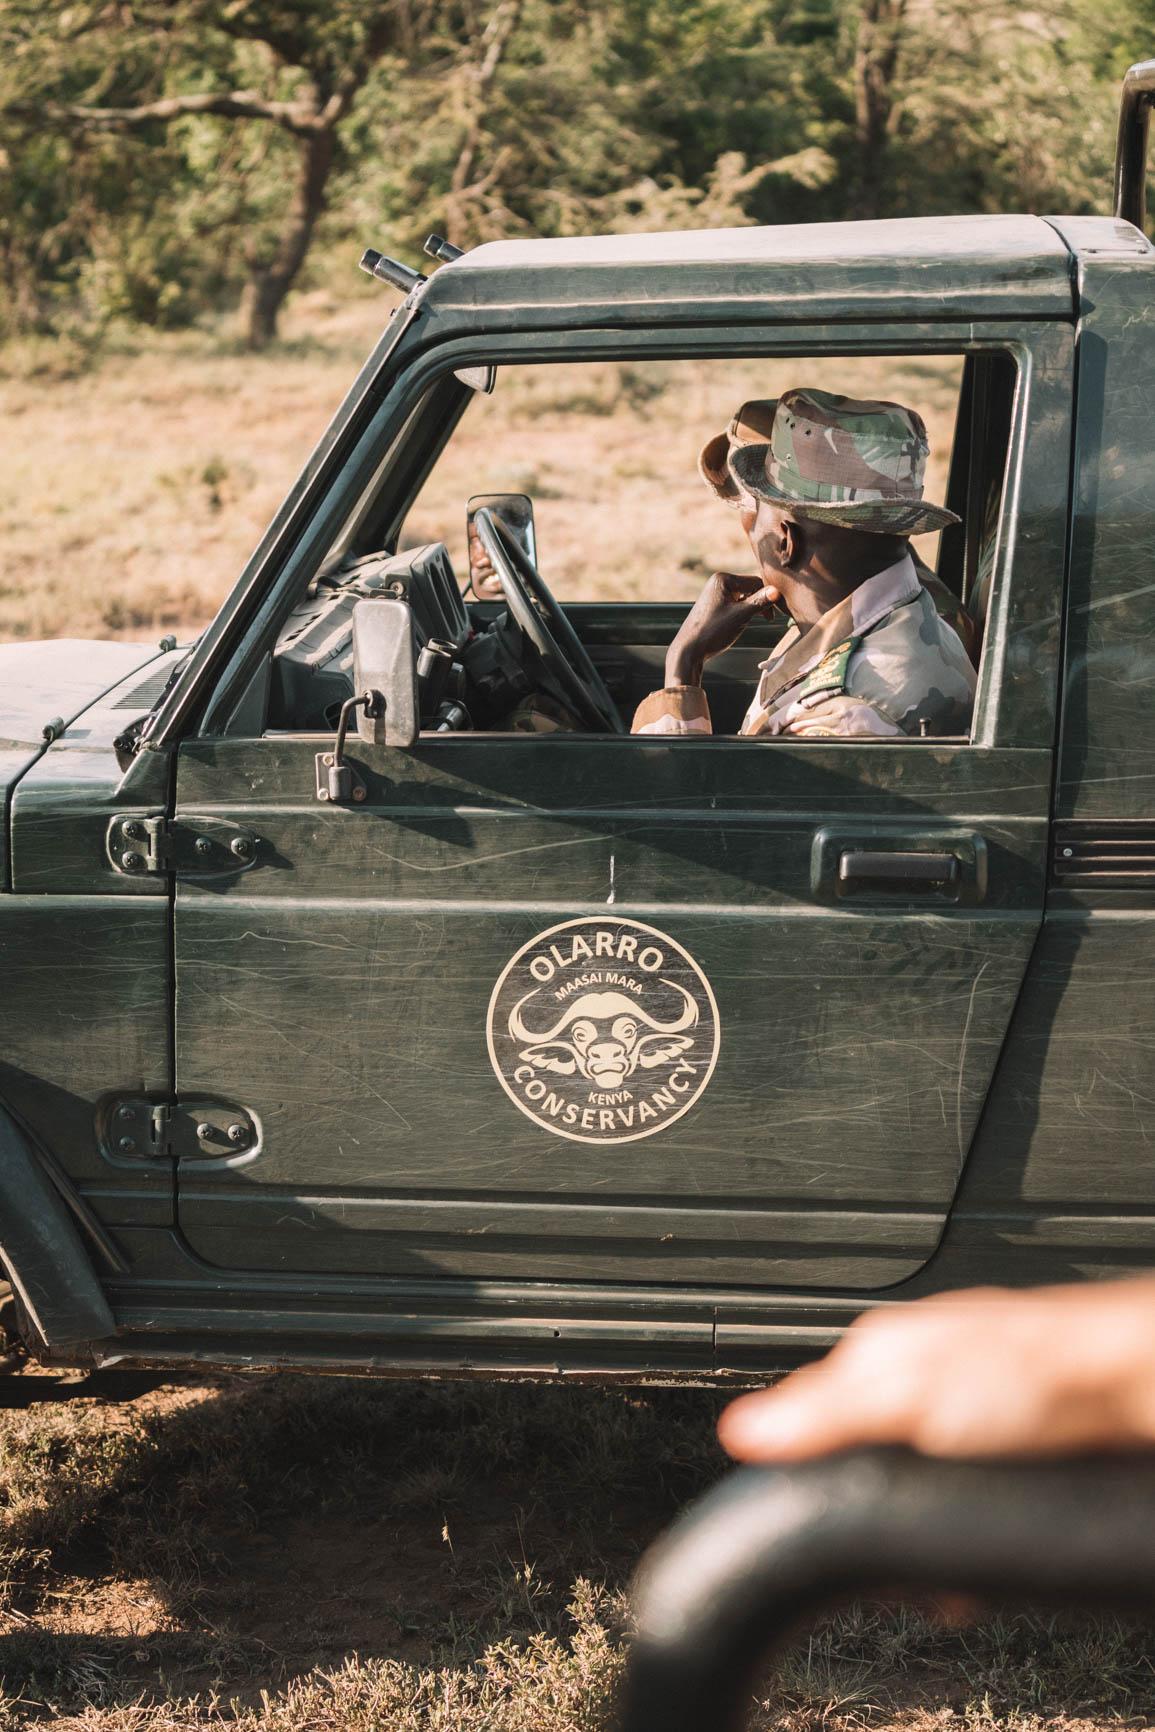 Olarro Conservancy Ranger Kenya Private Reserve - Kenya wildlife safari #Kenya #Africa #Safari